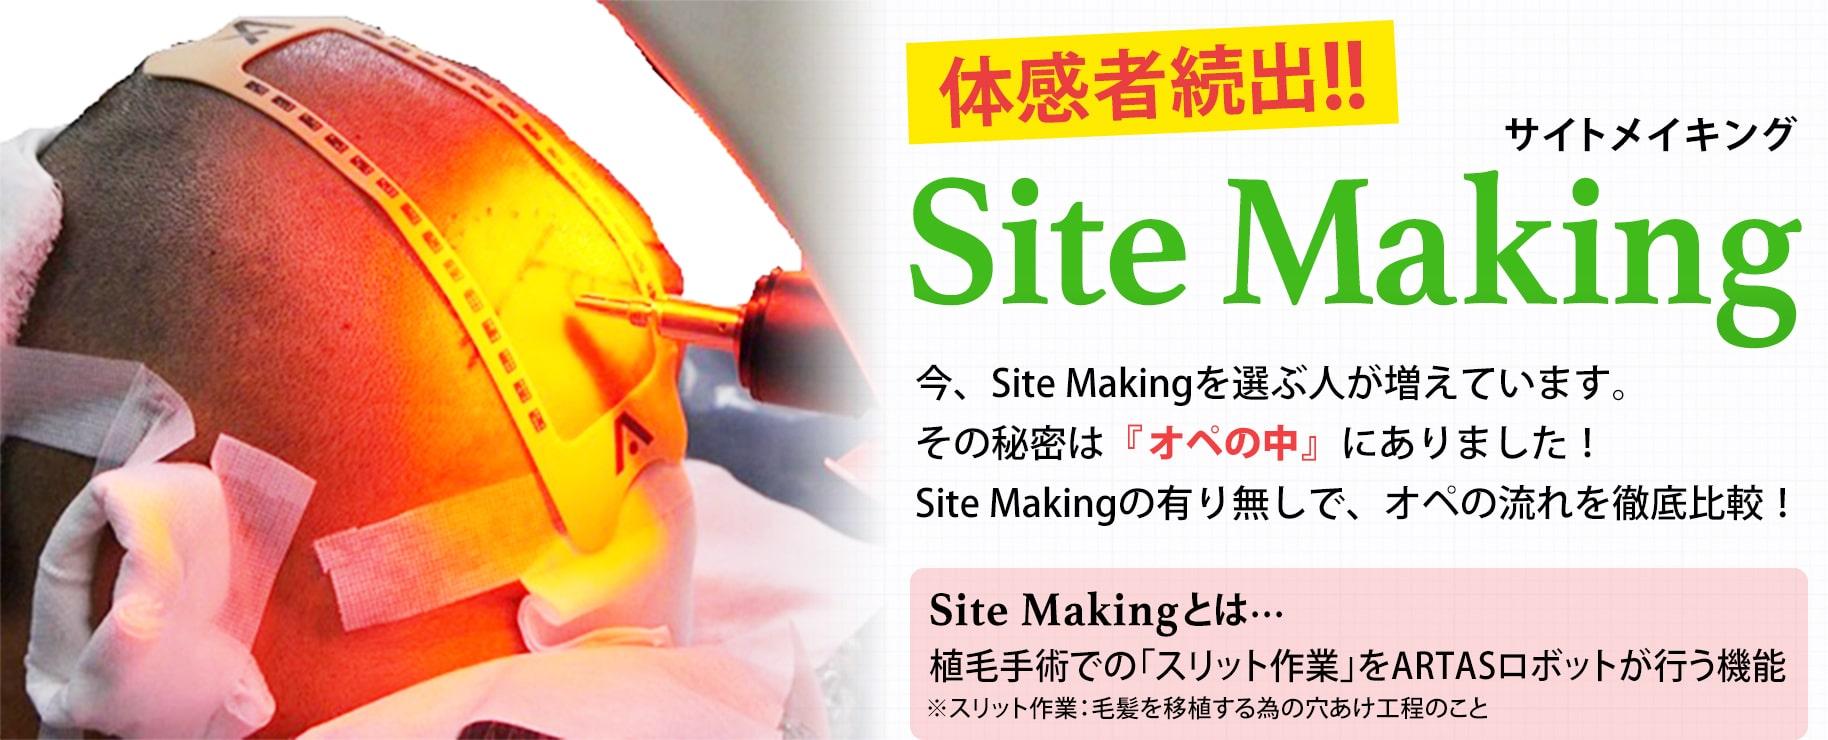 体験者続出!! SiteMaking